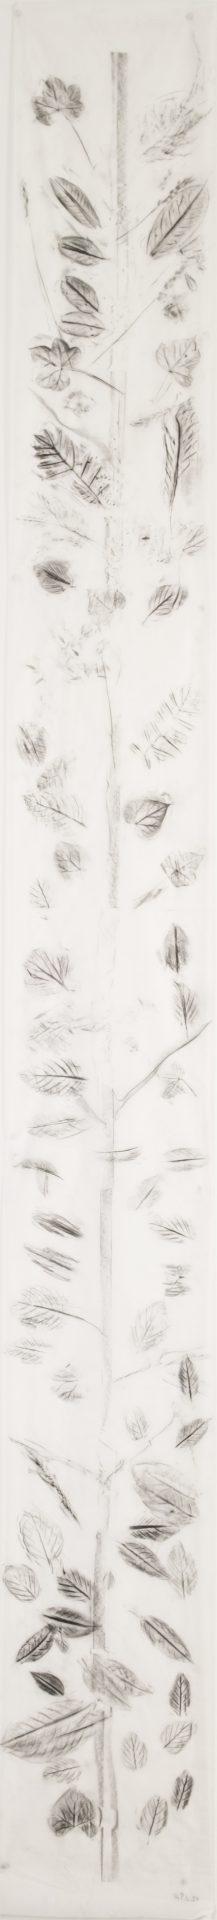 Scala Naturale<br>MMG14<br>misure: 33 x 300 cm<br>tecnica: Carboncino su carta giapponese<br>anno: 2018<br><br>DISPONIBILE